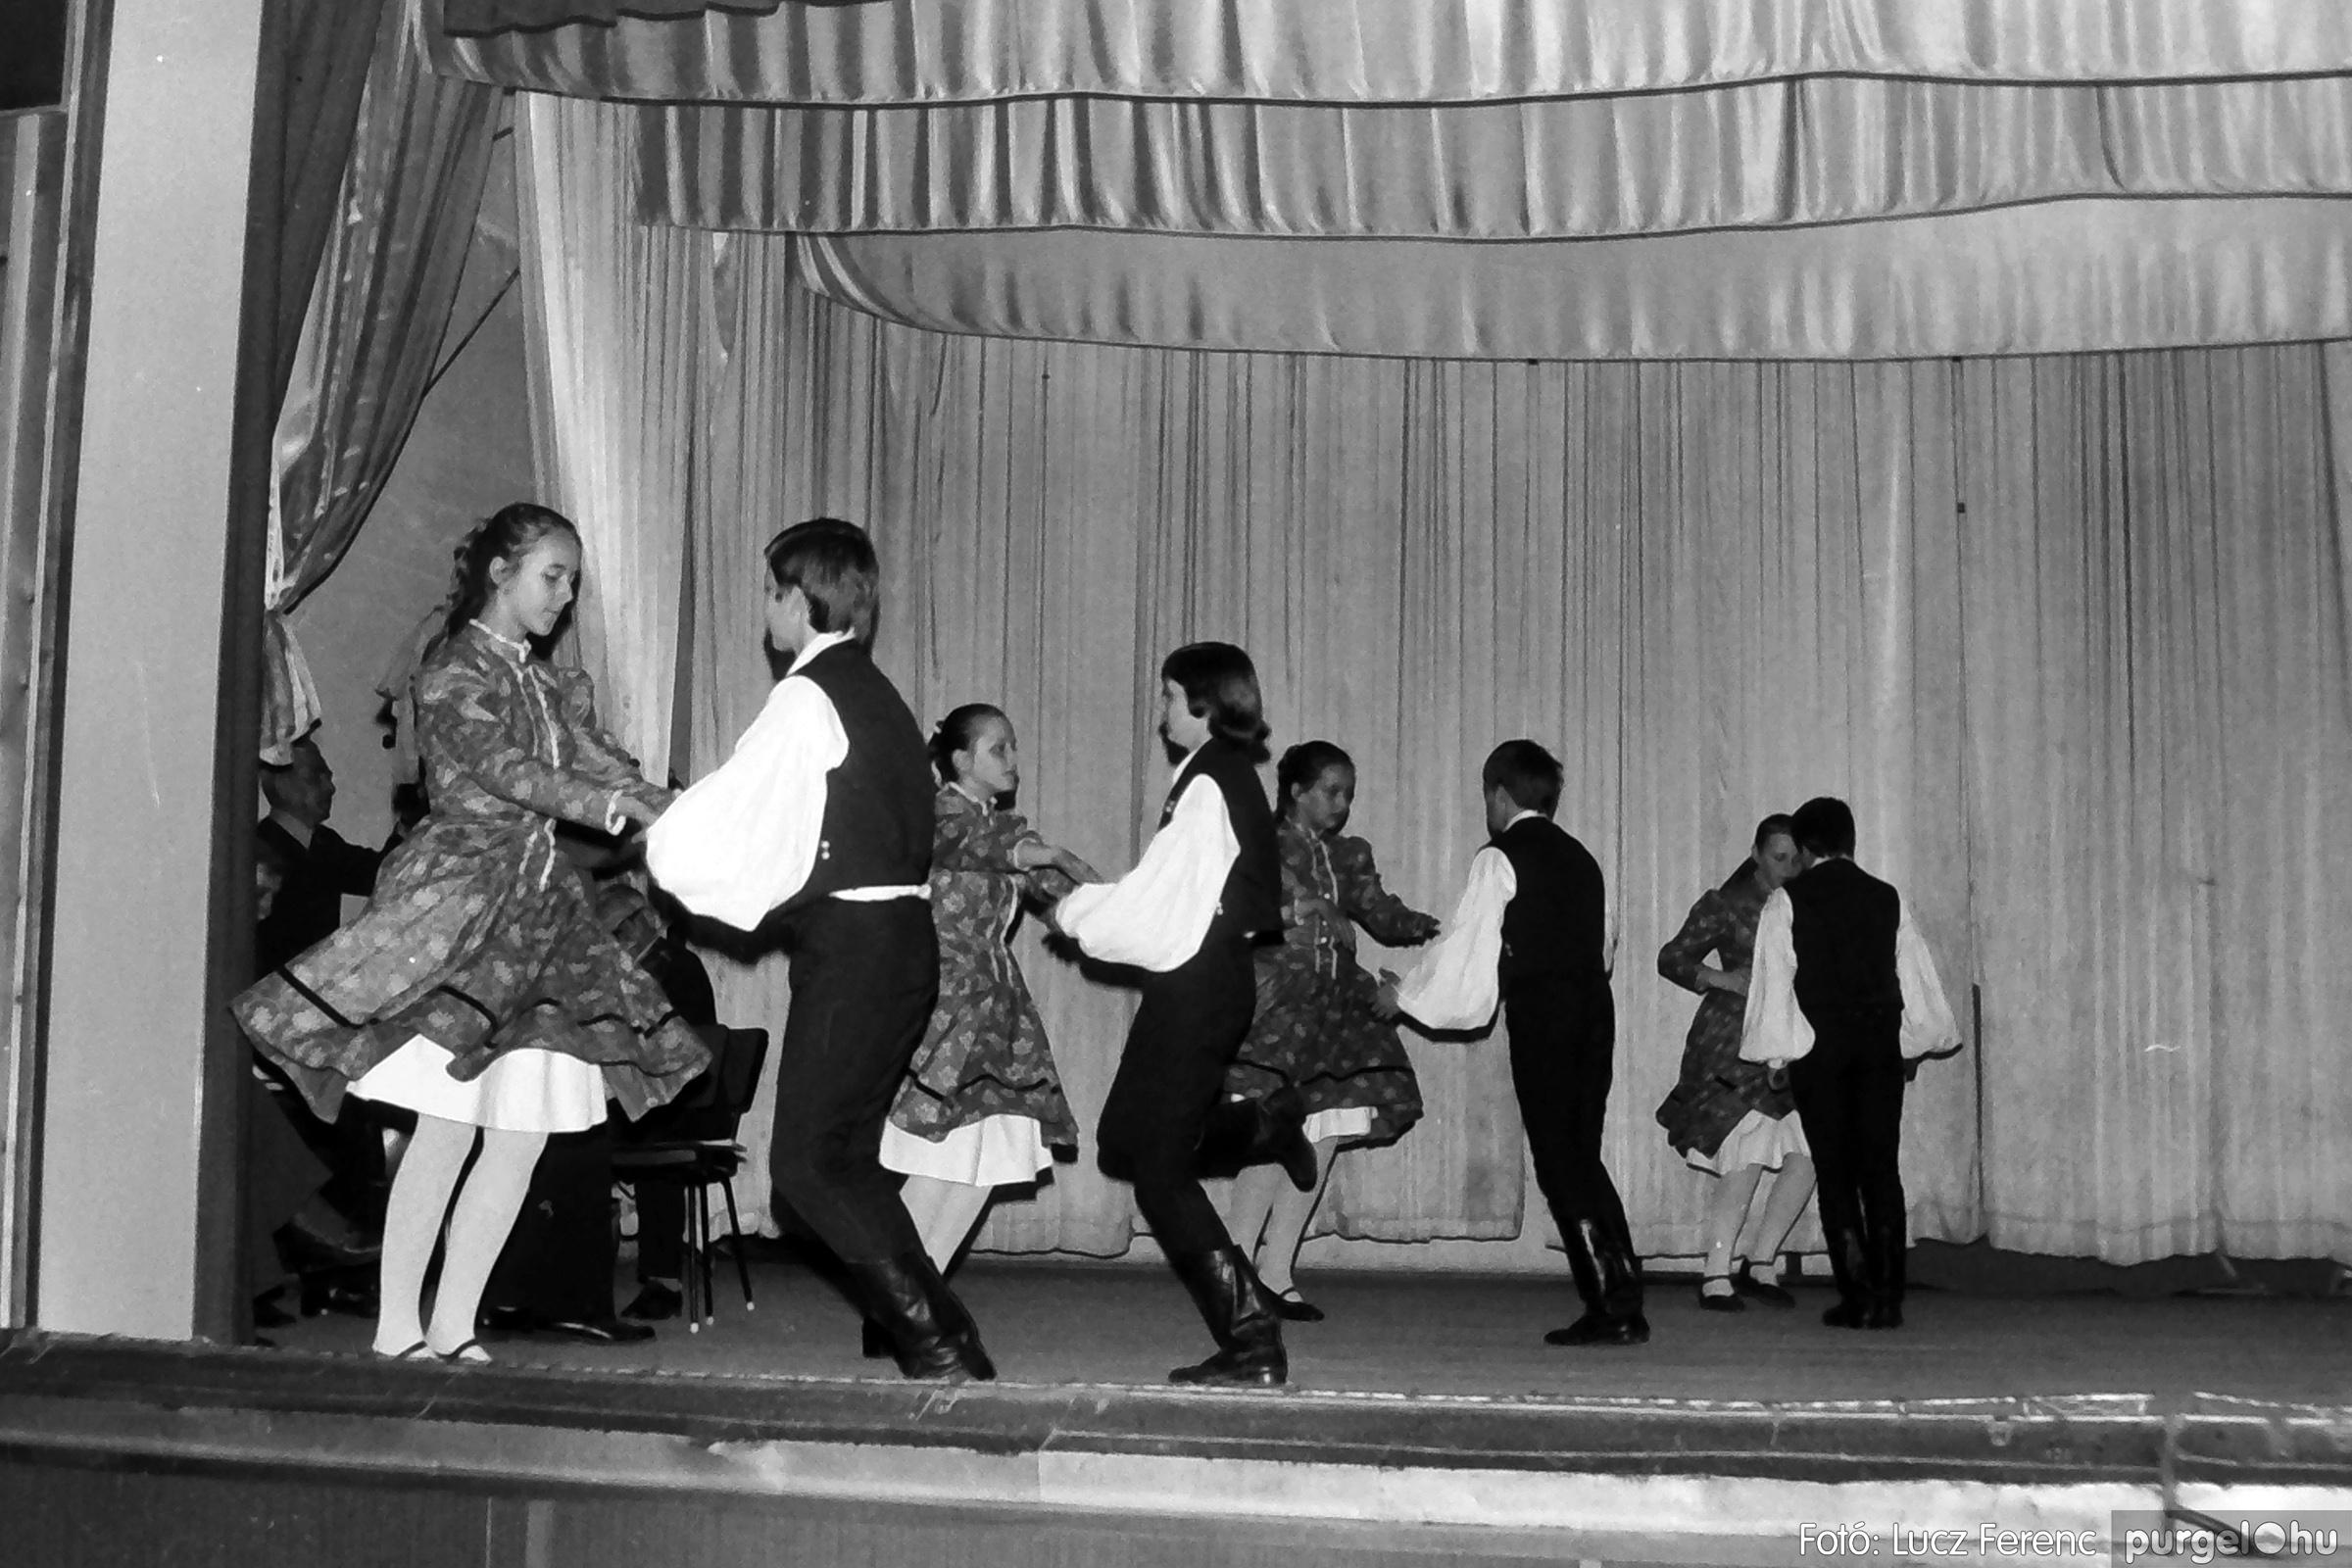 076. 1977. Iskolások fellépése a kultúrházban 004. - Fotó: Lucz Ferenc.jpg